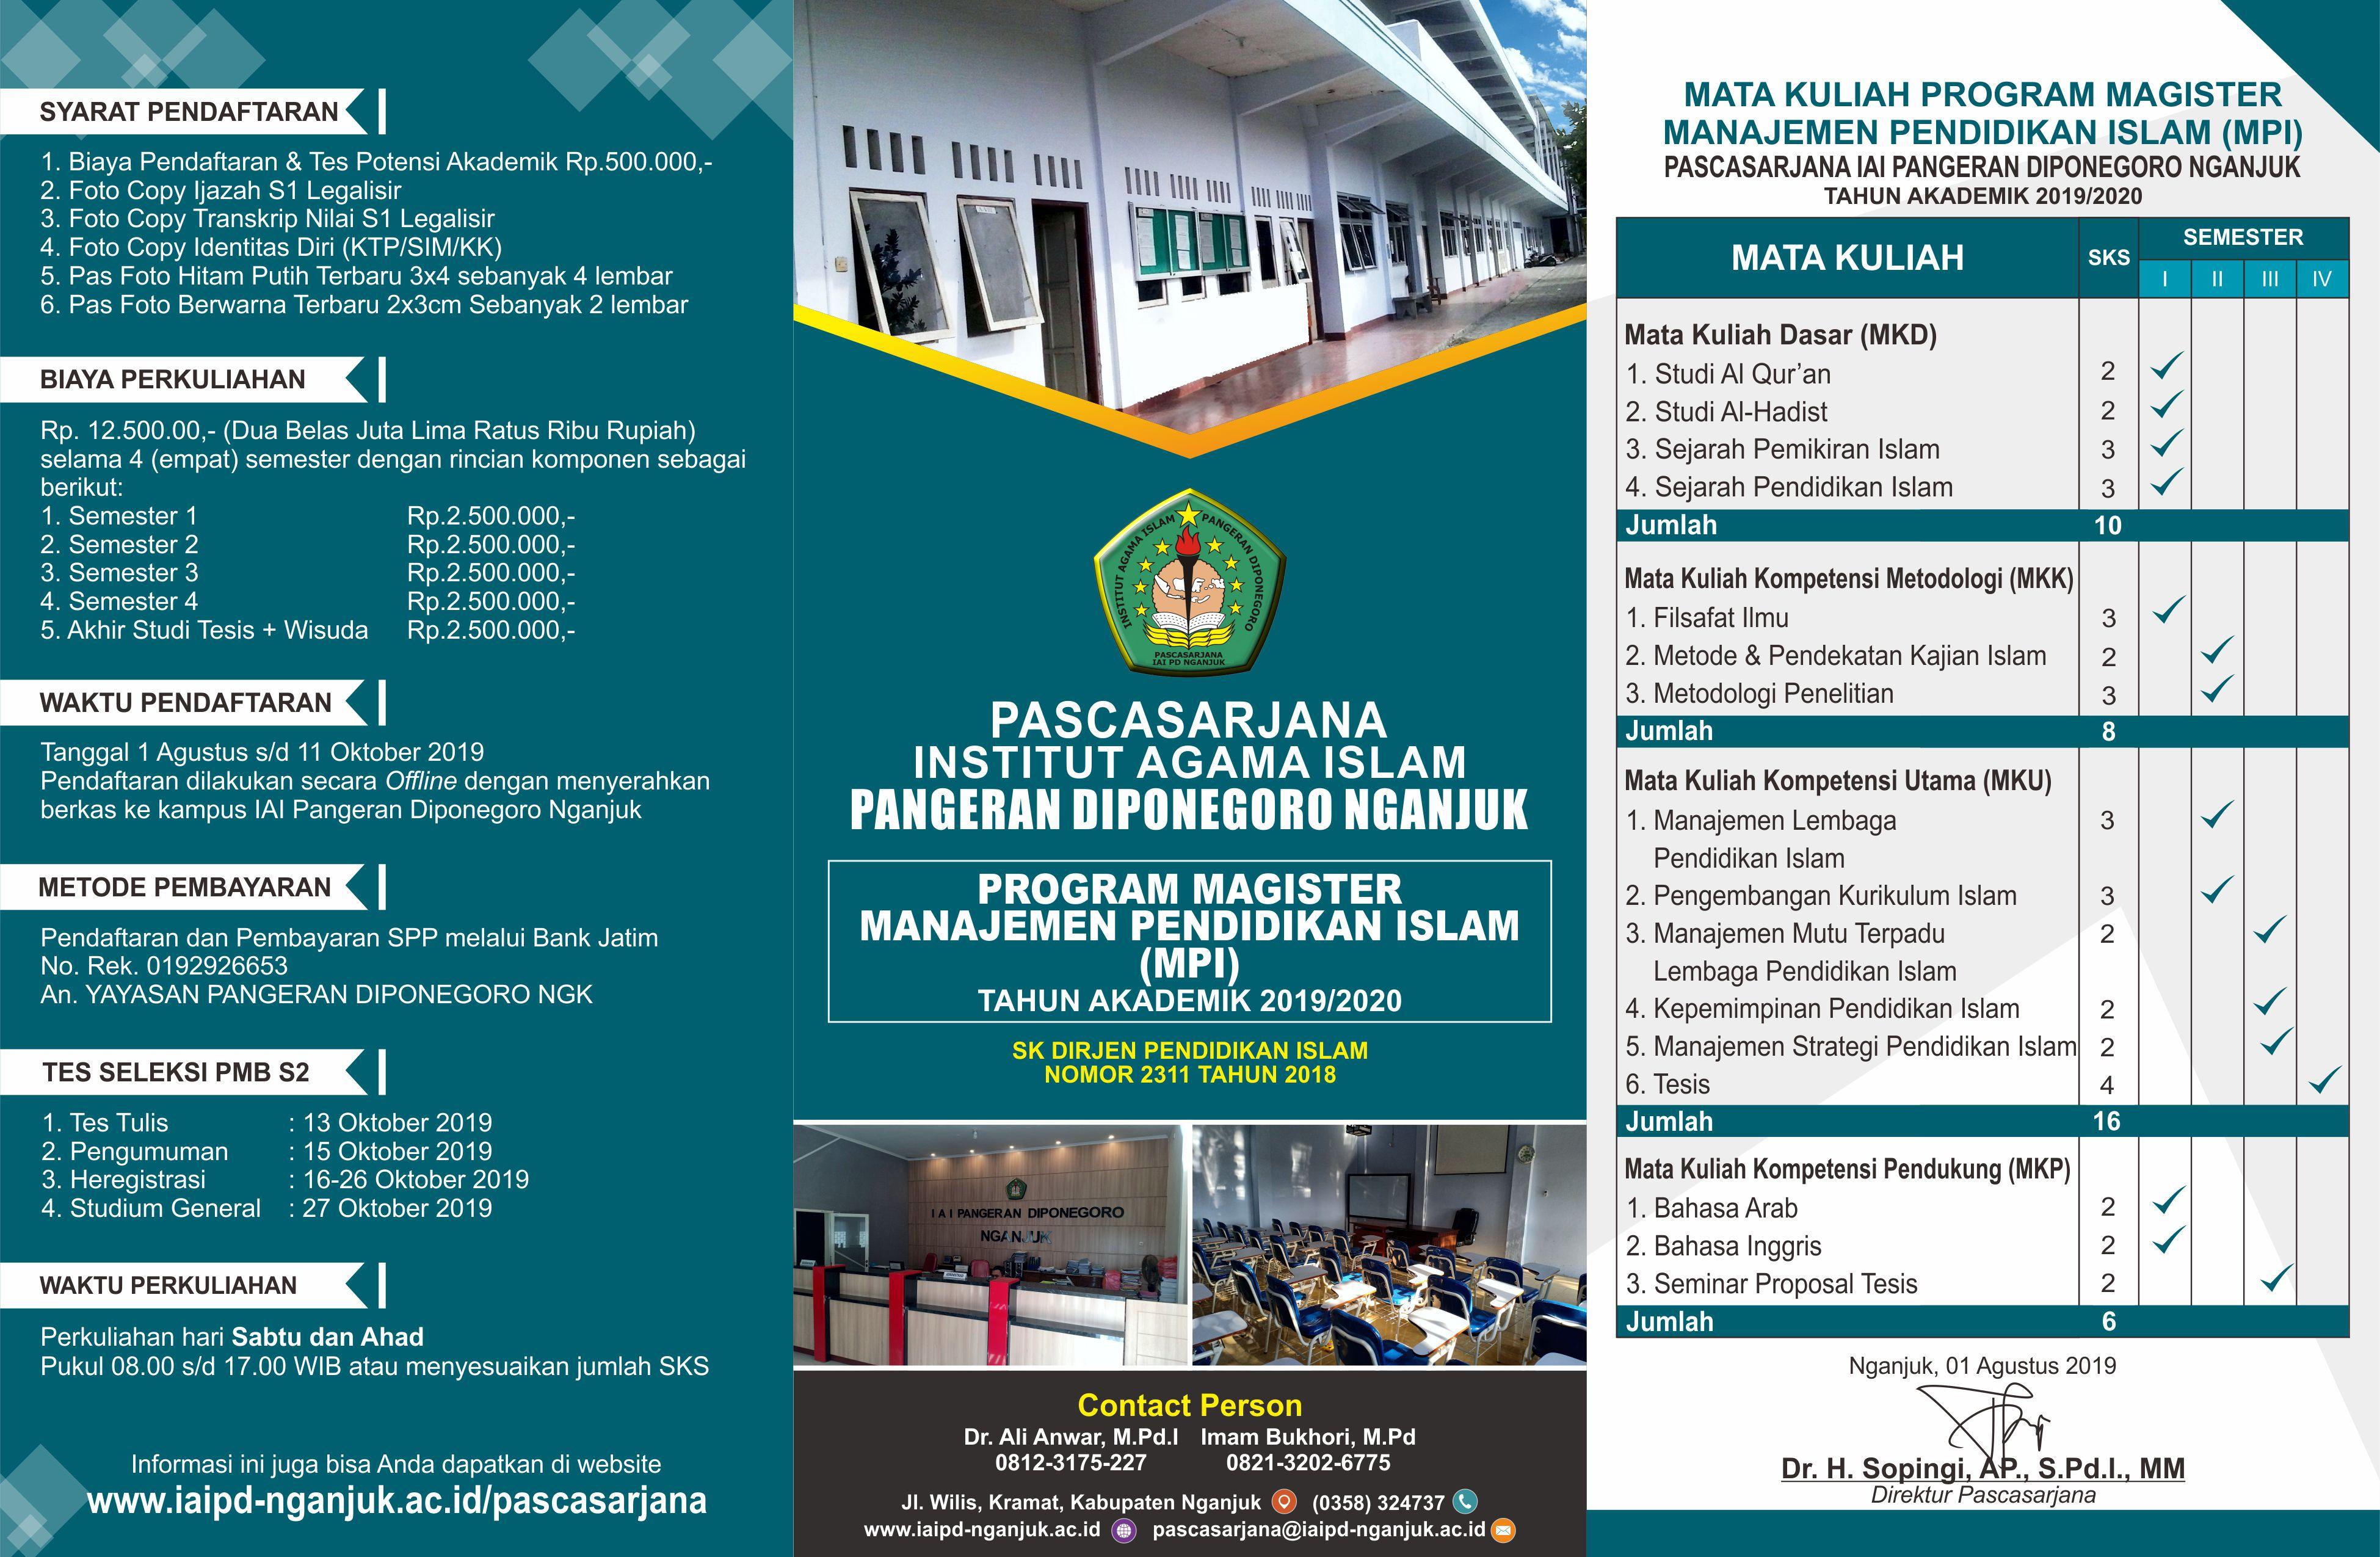 Telah Dibuka Pendaftaran Pascasarjana Manajemen Pendidikan Islam 2019-2020